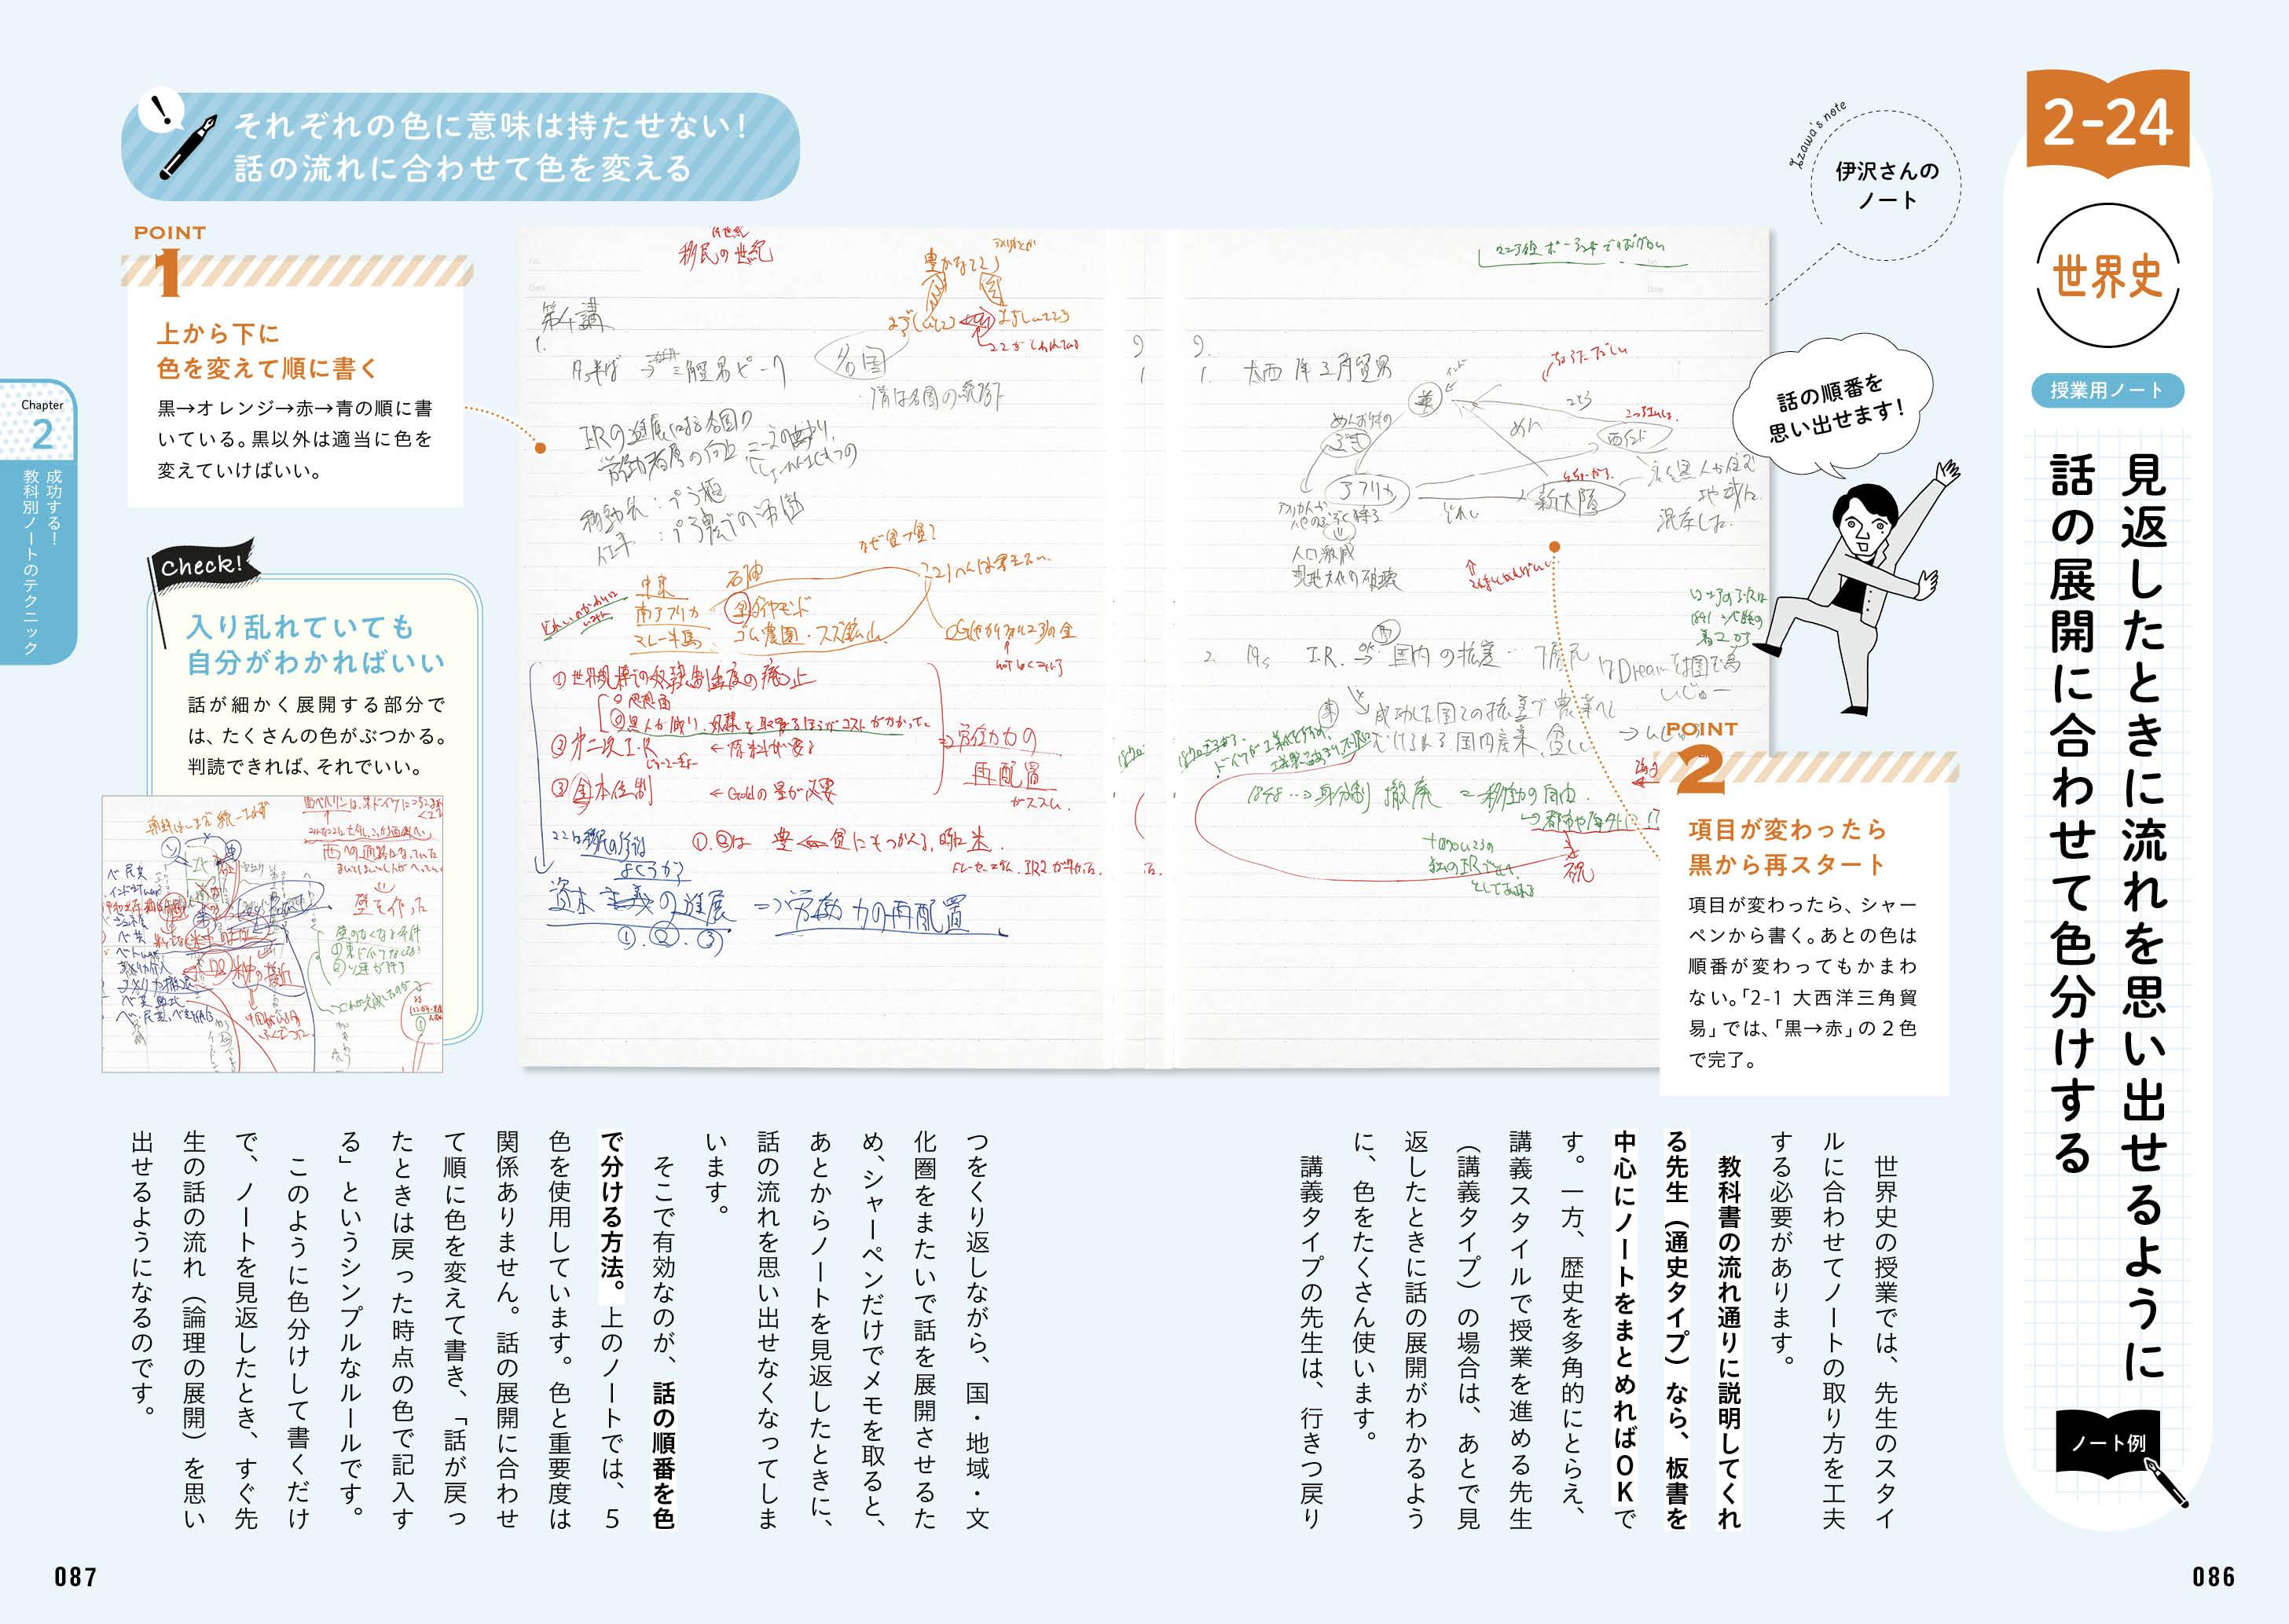 「世界史」授業用ノートの実例。実際のノート、使い方のエピソード、ポイントが見開きでわかりやすくまとまっています。